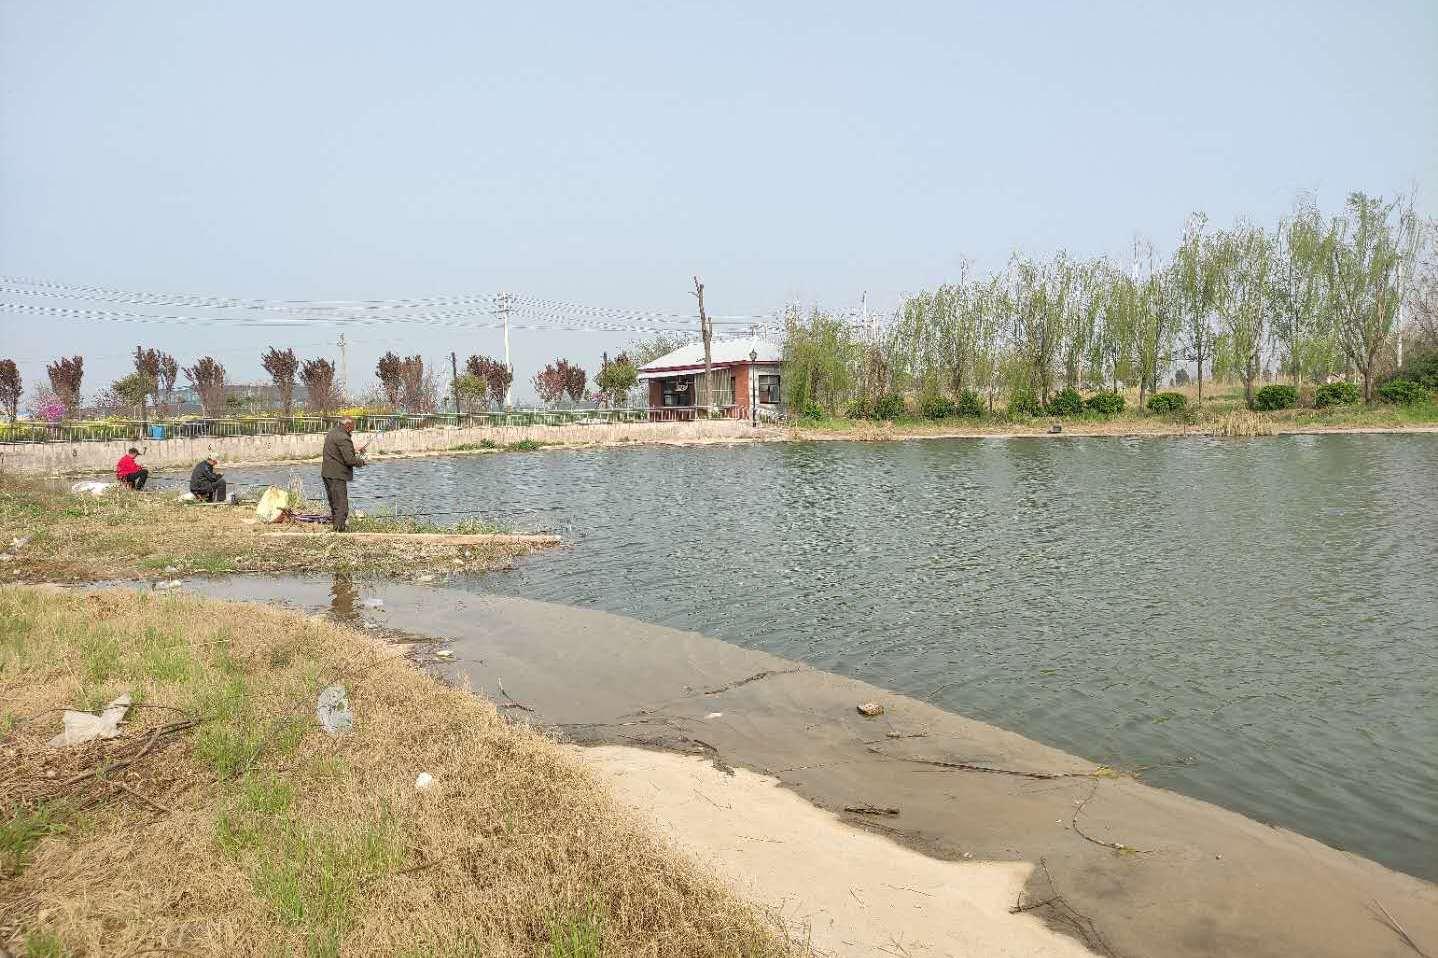 在家乡陕西咸阳,发现村子里一处有花有水的地方,租下来隐居可好